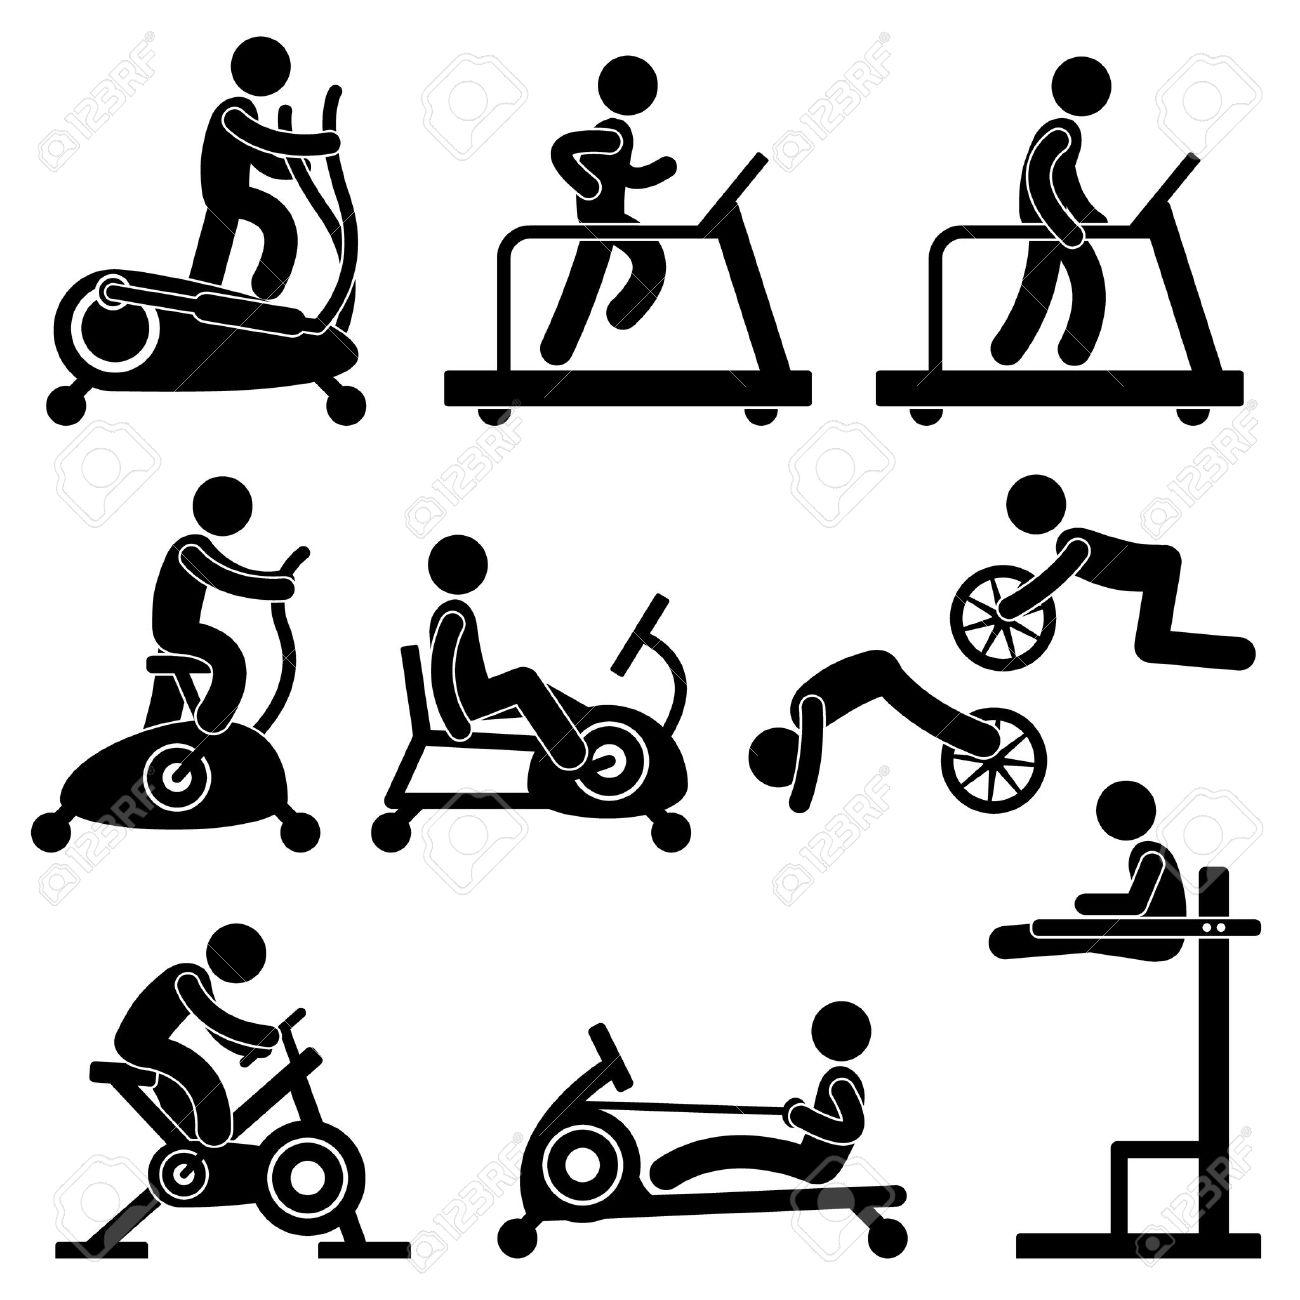 Athletic Gym Gymnasium Fitness Exercise Training Workout - 12483512